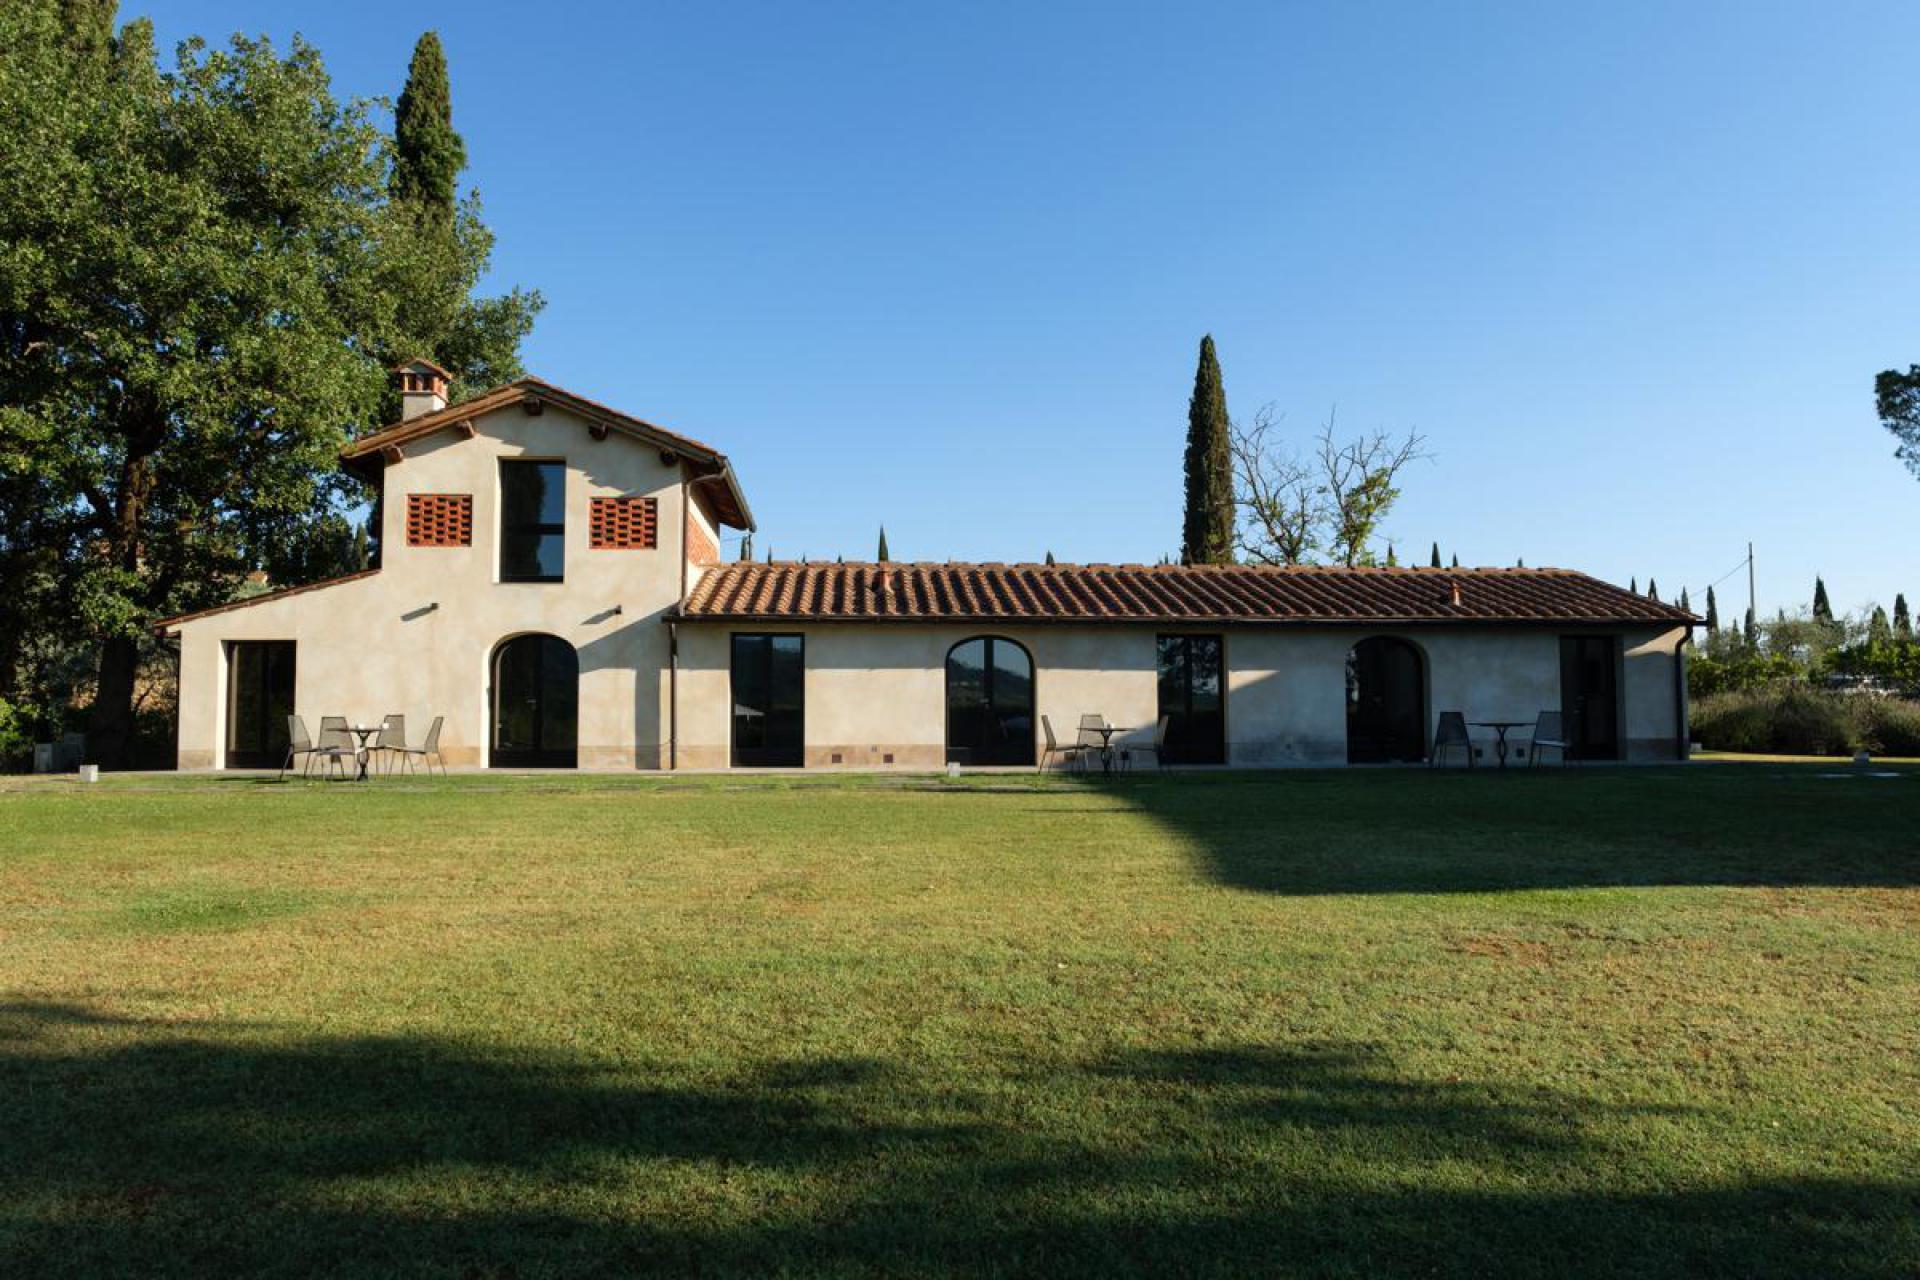 Agriturismo Toscana Bella azienda vinicola sui colli del Chianti, Toscana